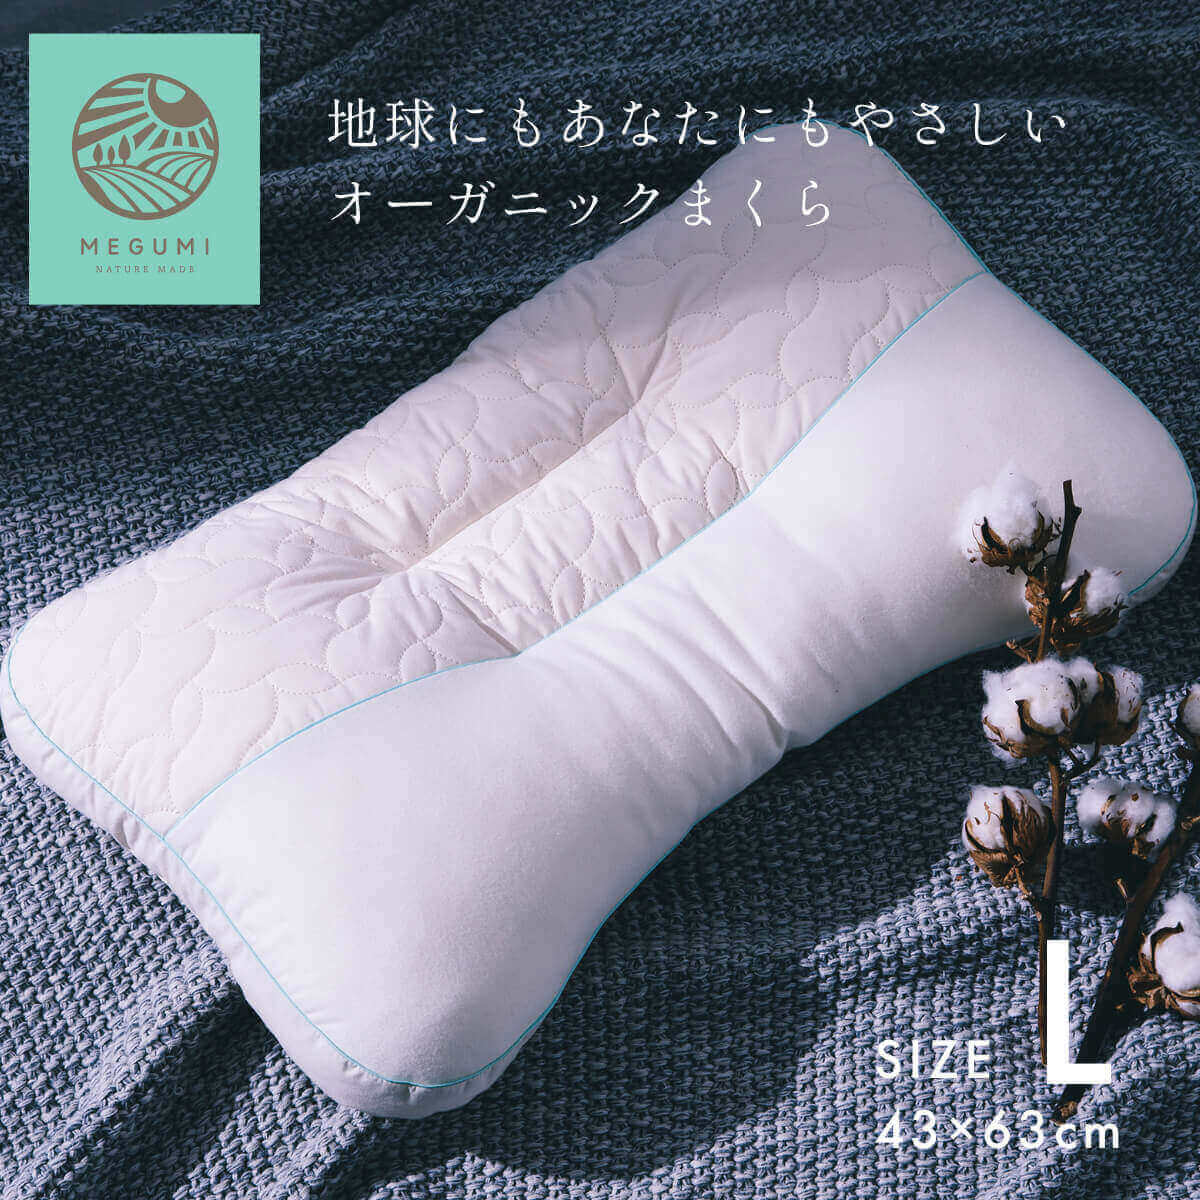 枕・抱き枕, 枕  megumi 43x63